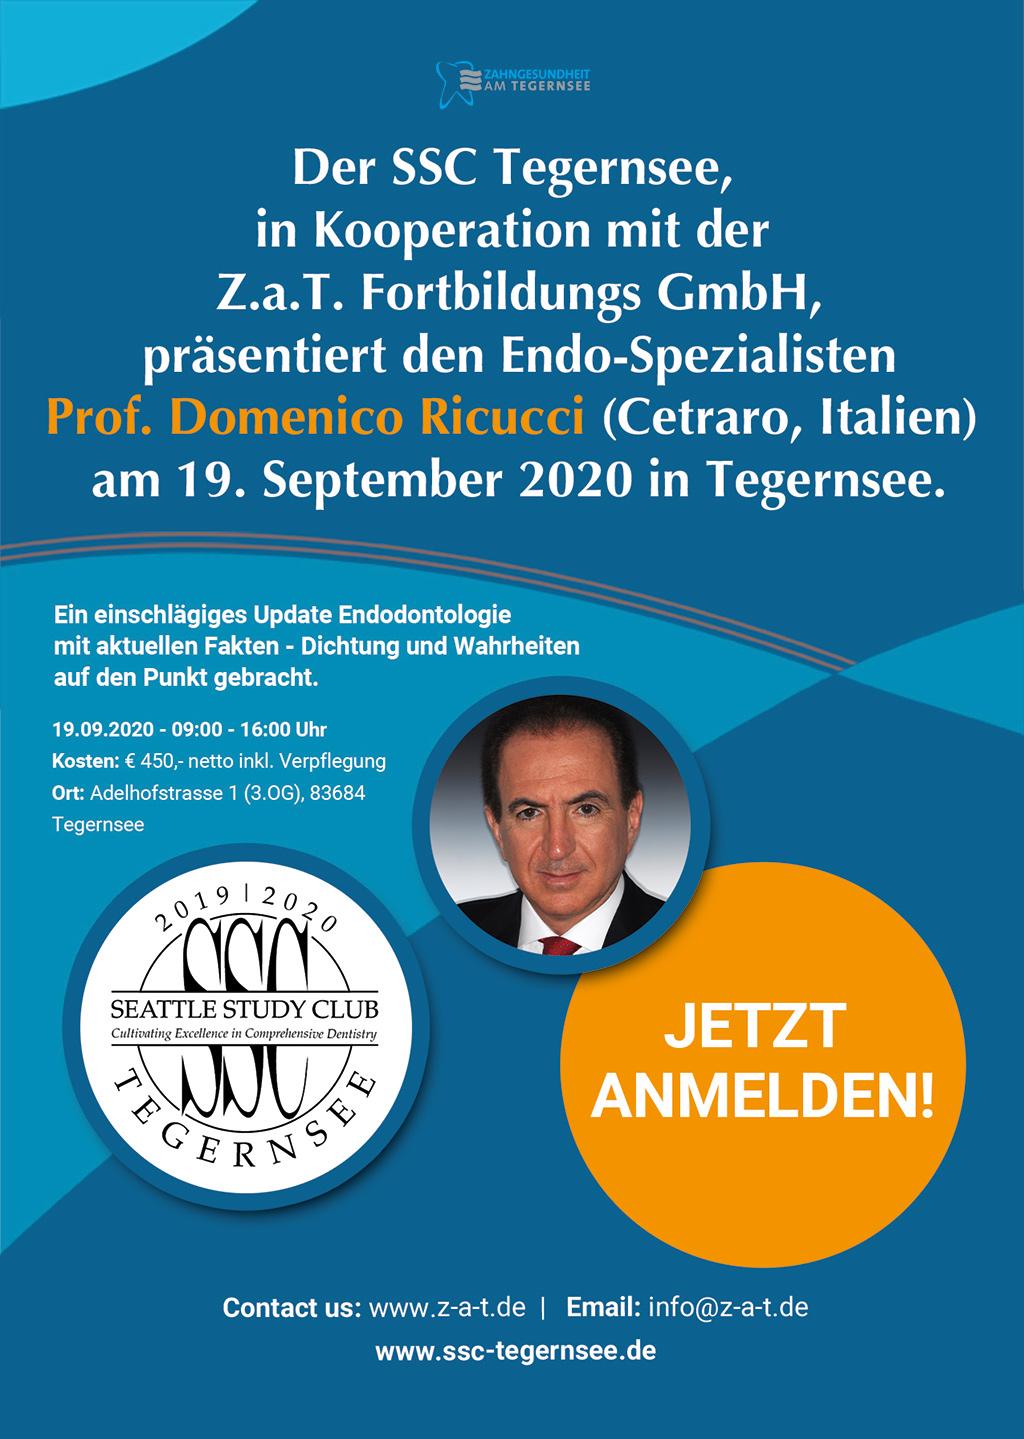 Endo-Spezialist Prof. Domenico Ricucci zu Gast in Tegernsee